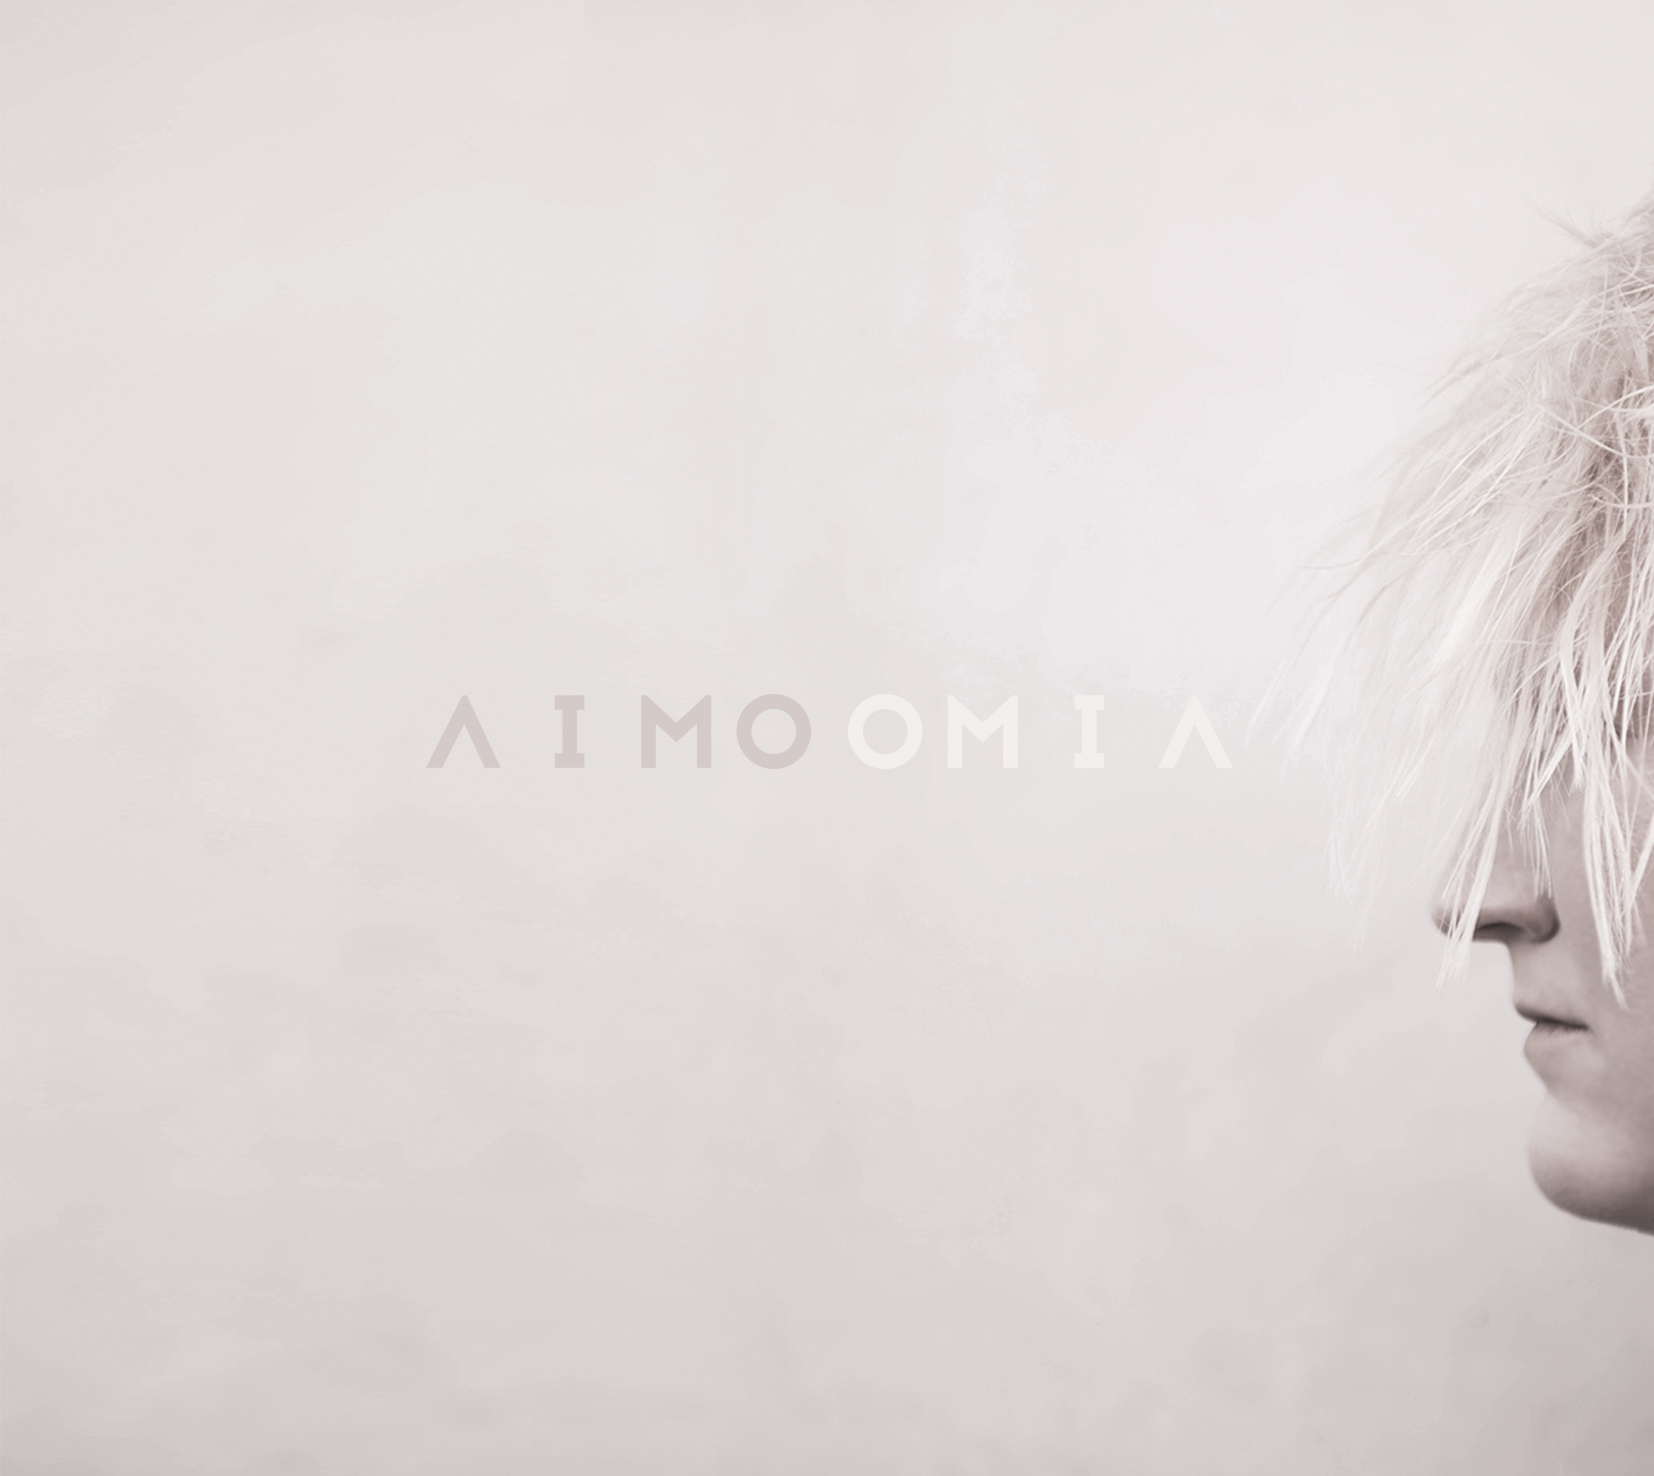 AIMO_OMIA